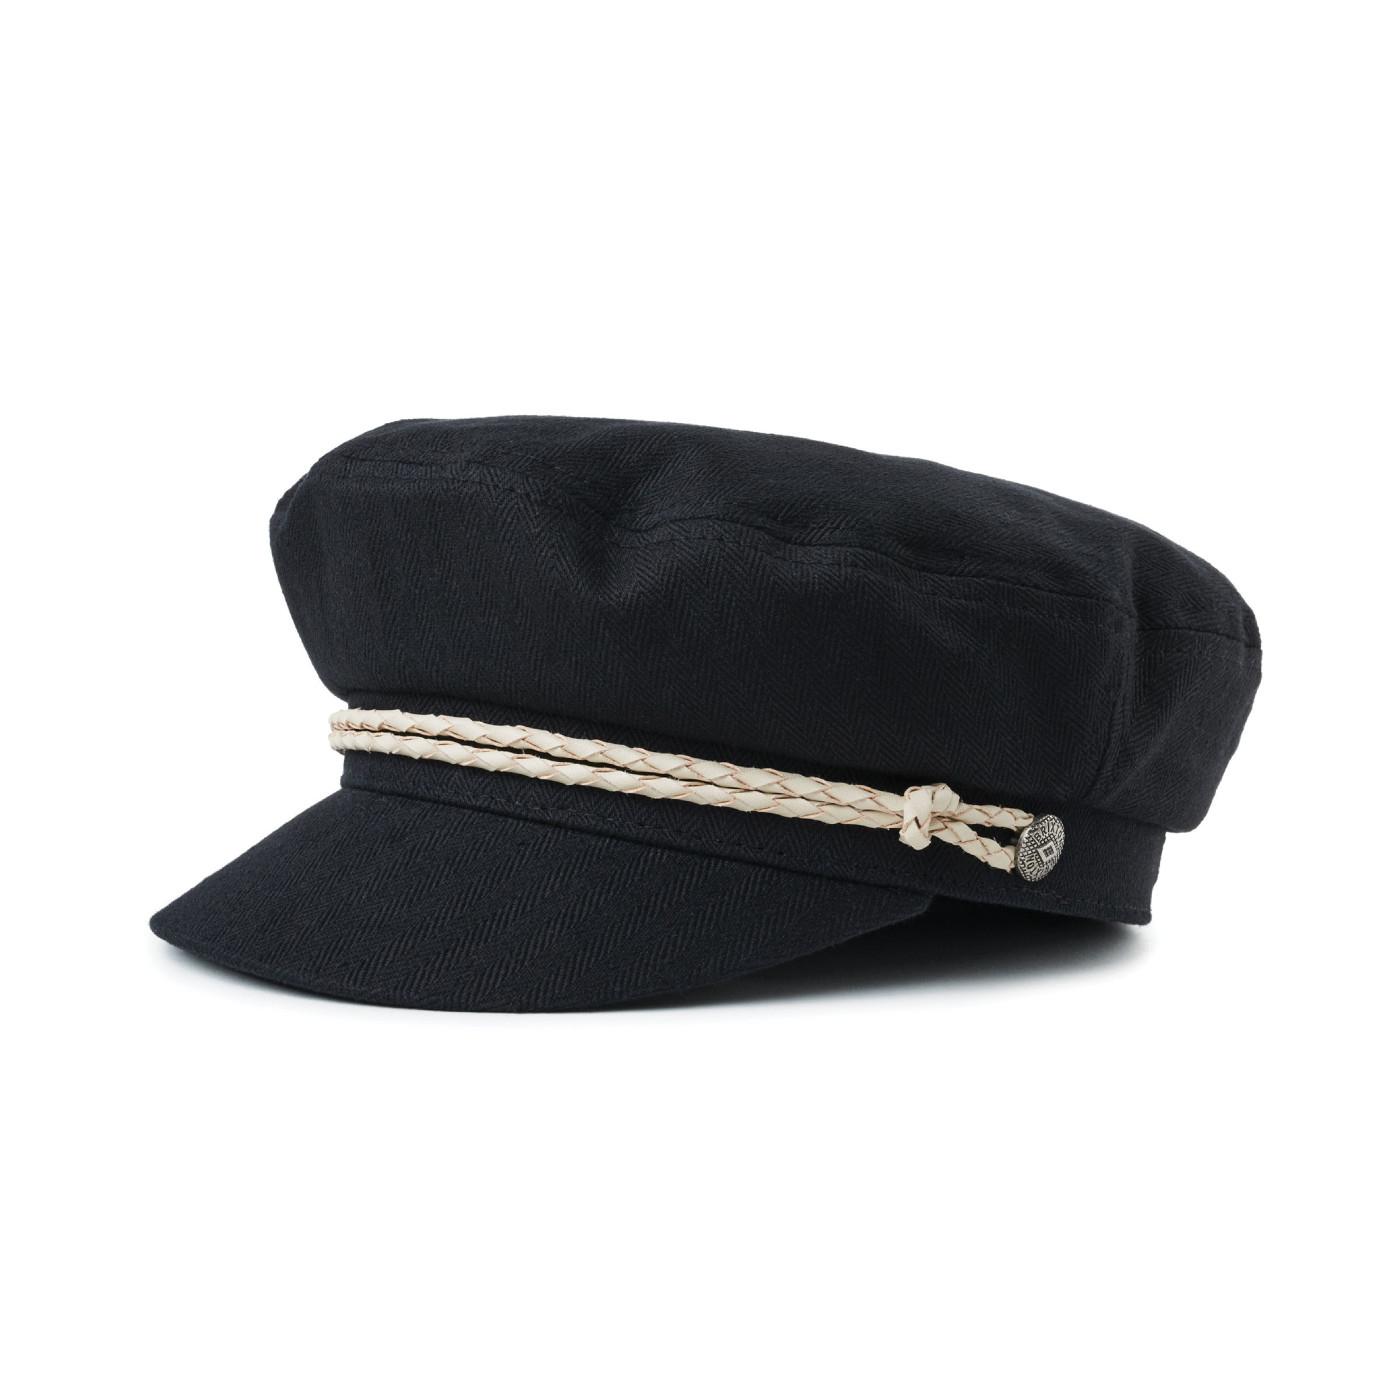 Ashland casquette 00712-BLACKOFFWH-L - Brixton - Modalova